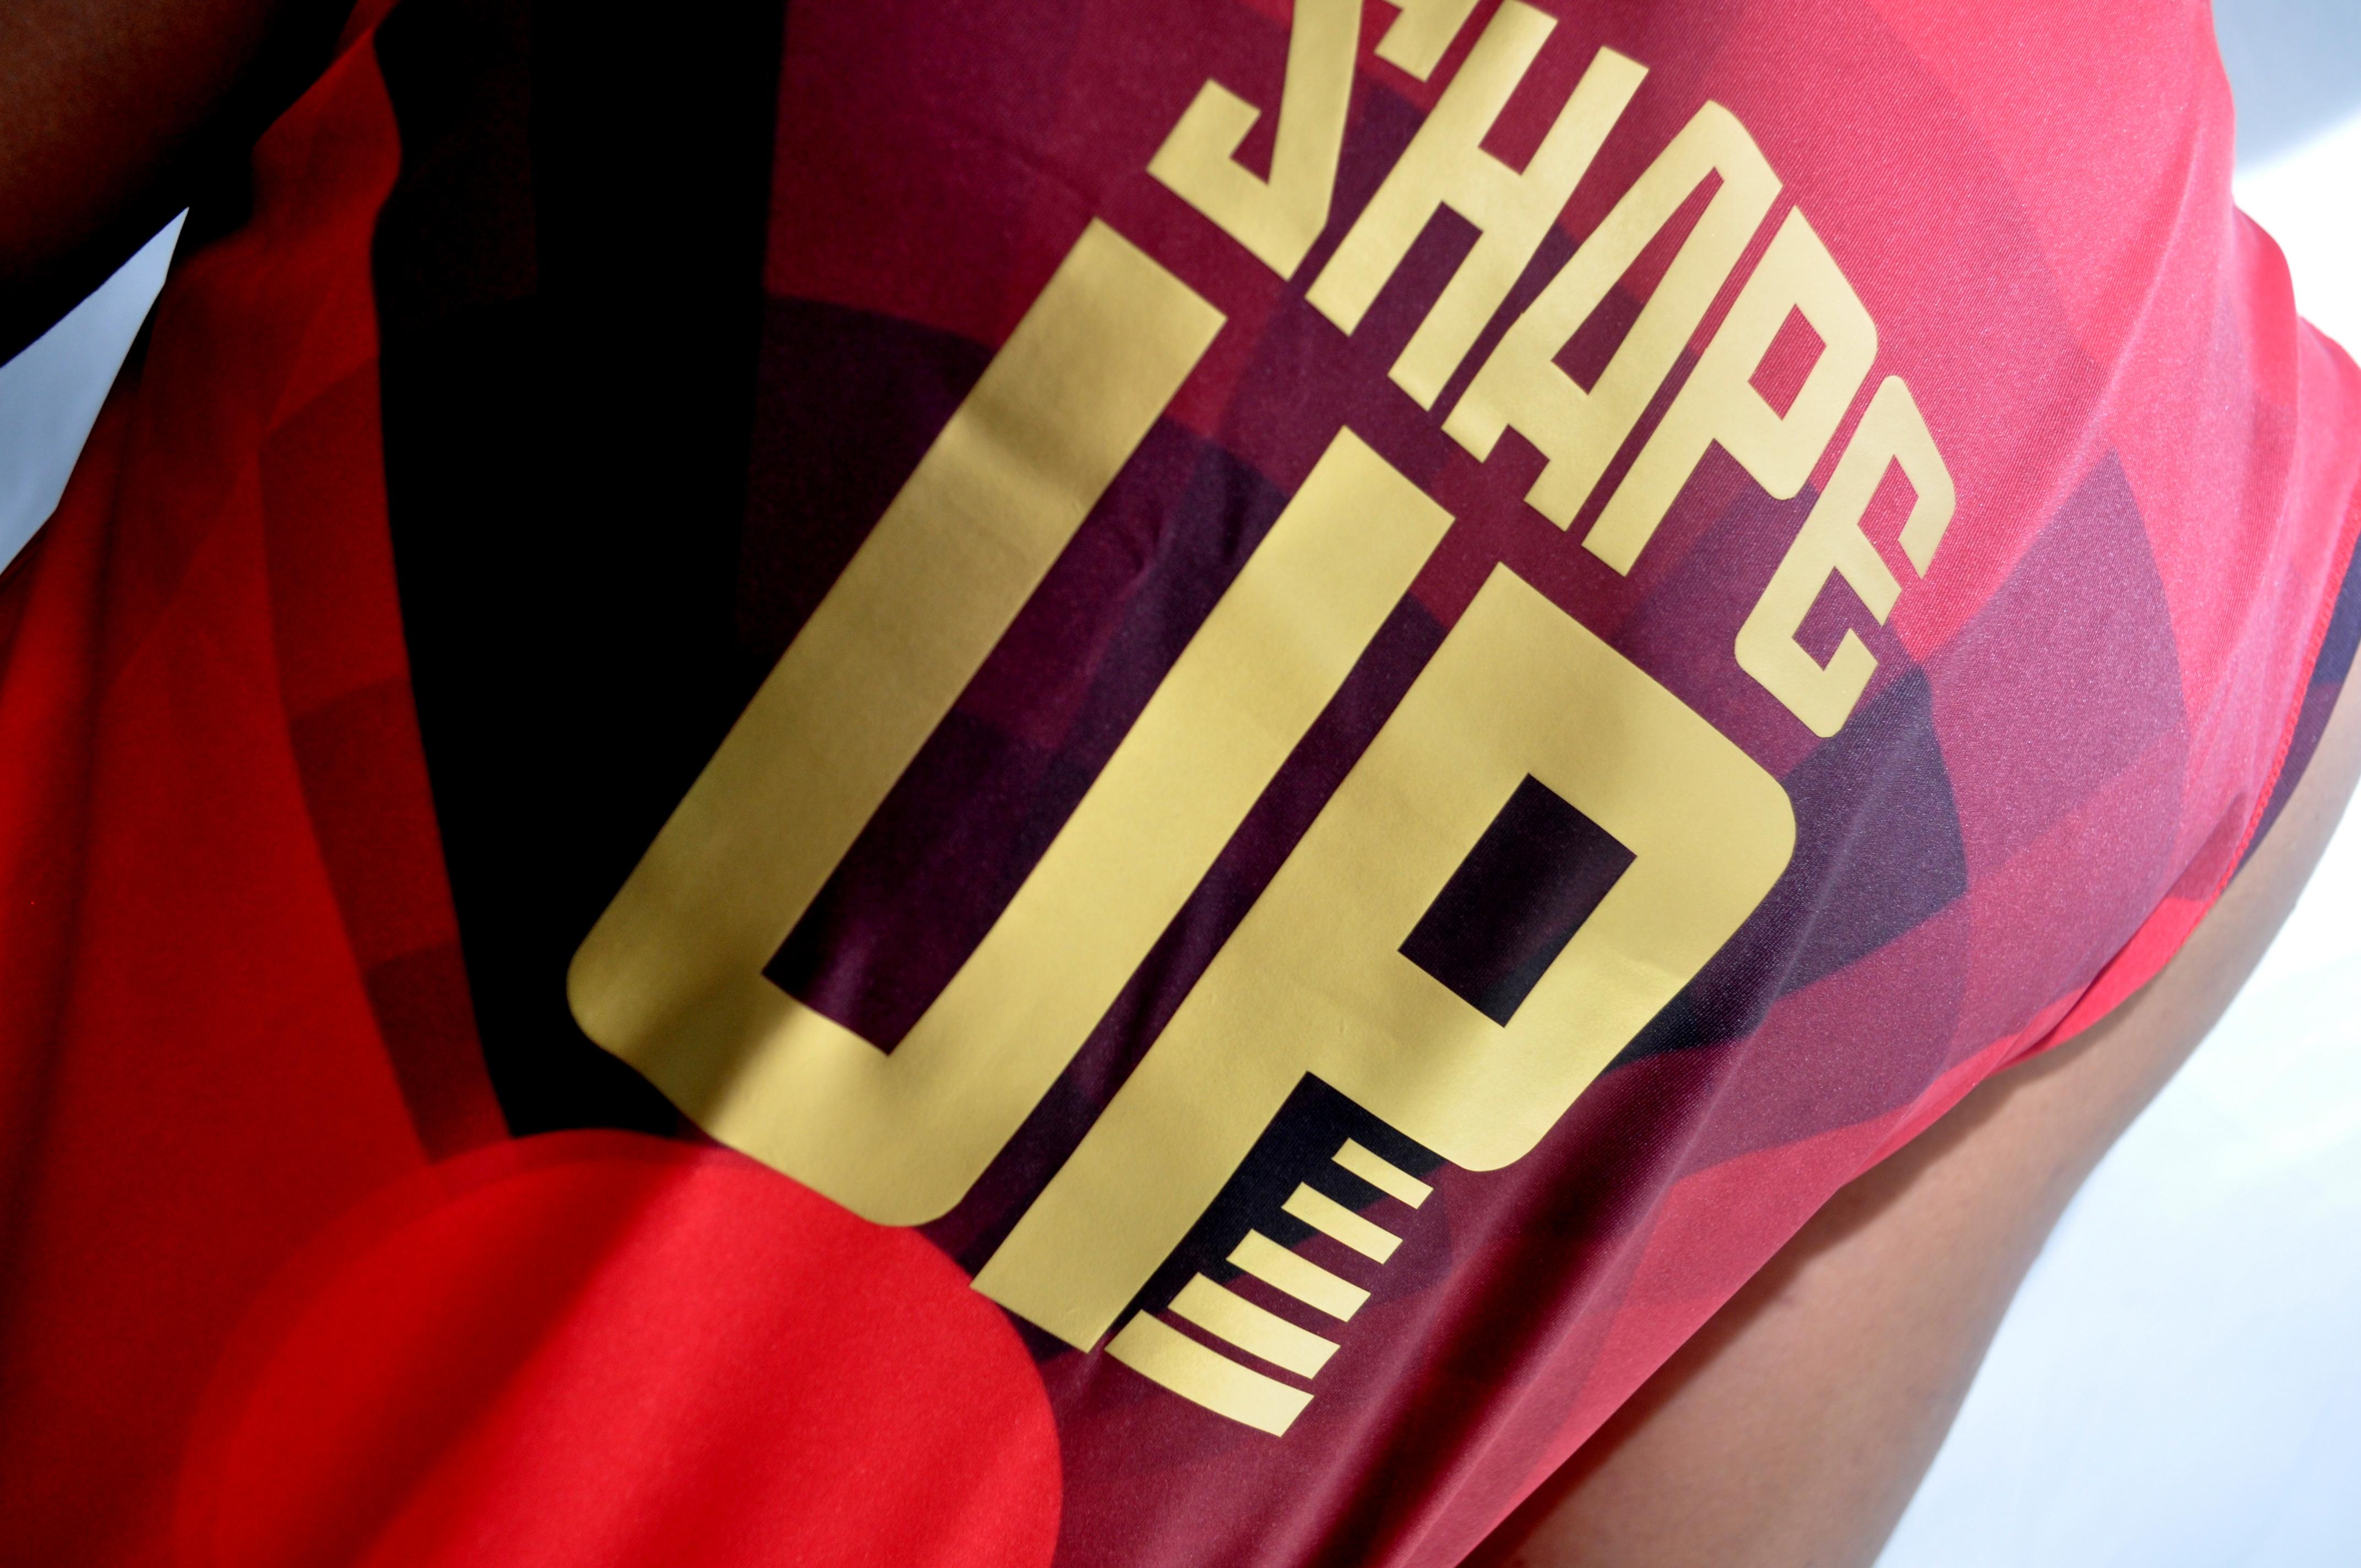 Fotos de outros uniformes criados pela Onisports você encontra no nosso  facebook. 6809a058bc774